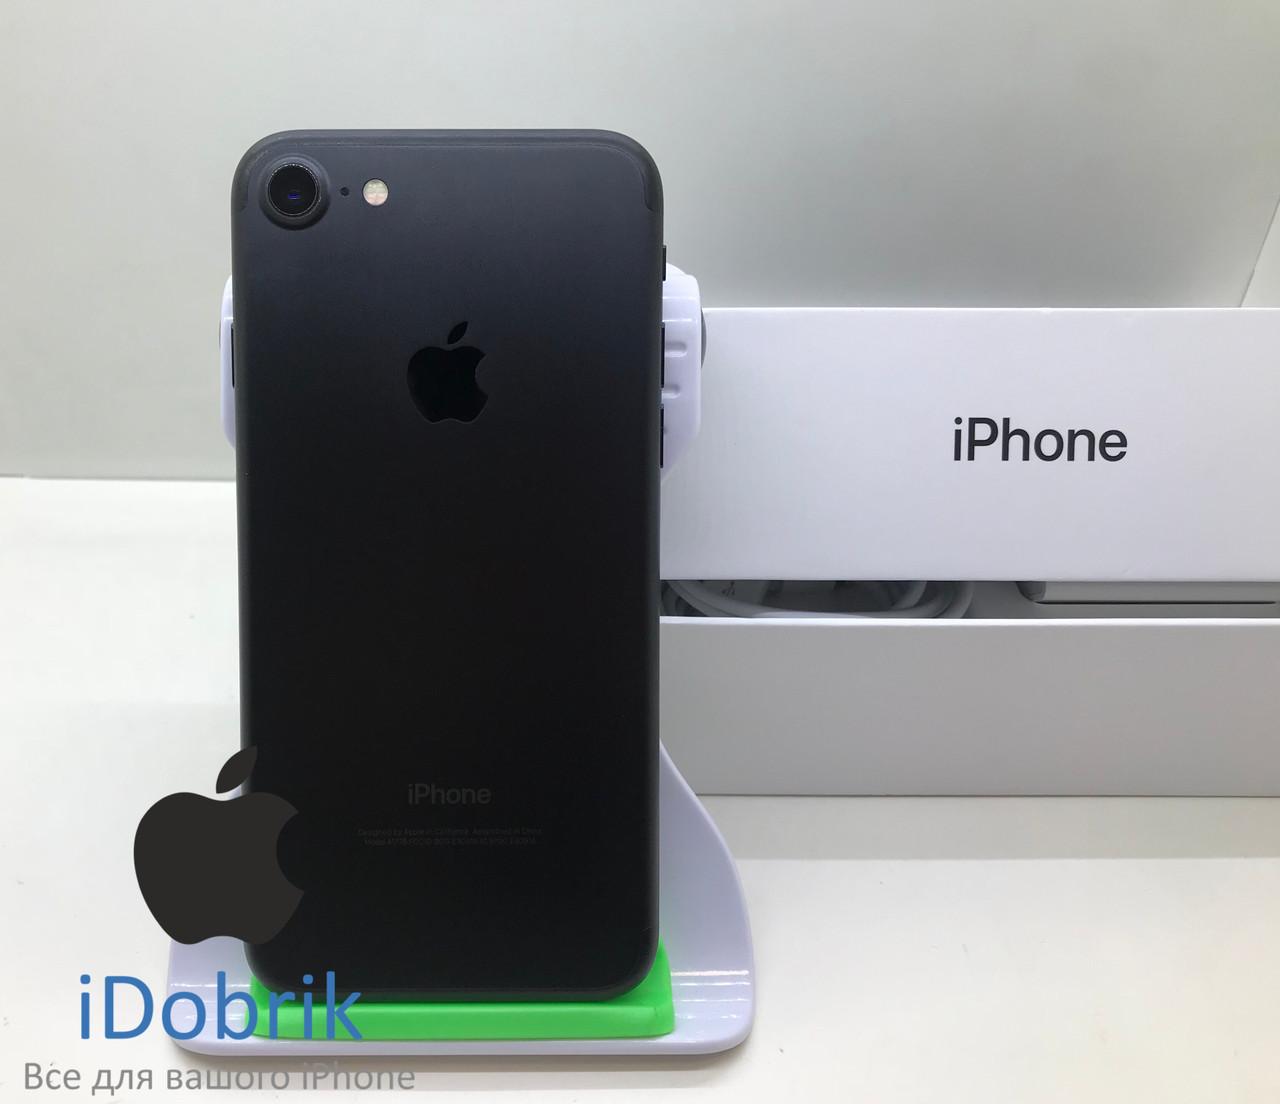 Б/У iPhone 7 32gb Black Neverlock 10/10